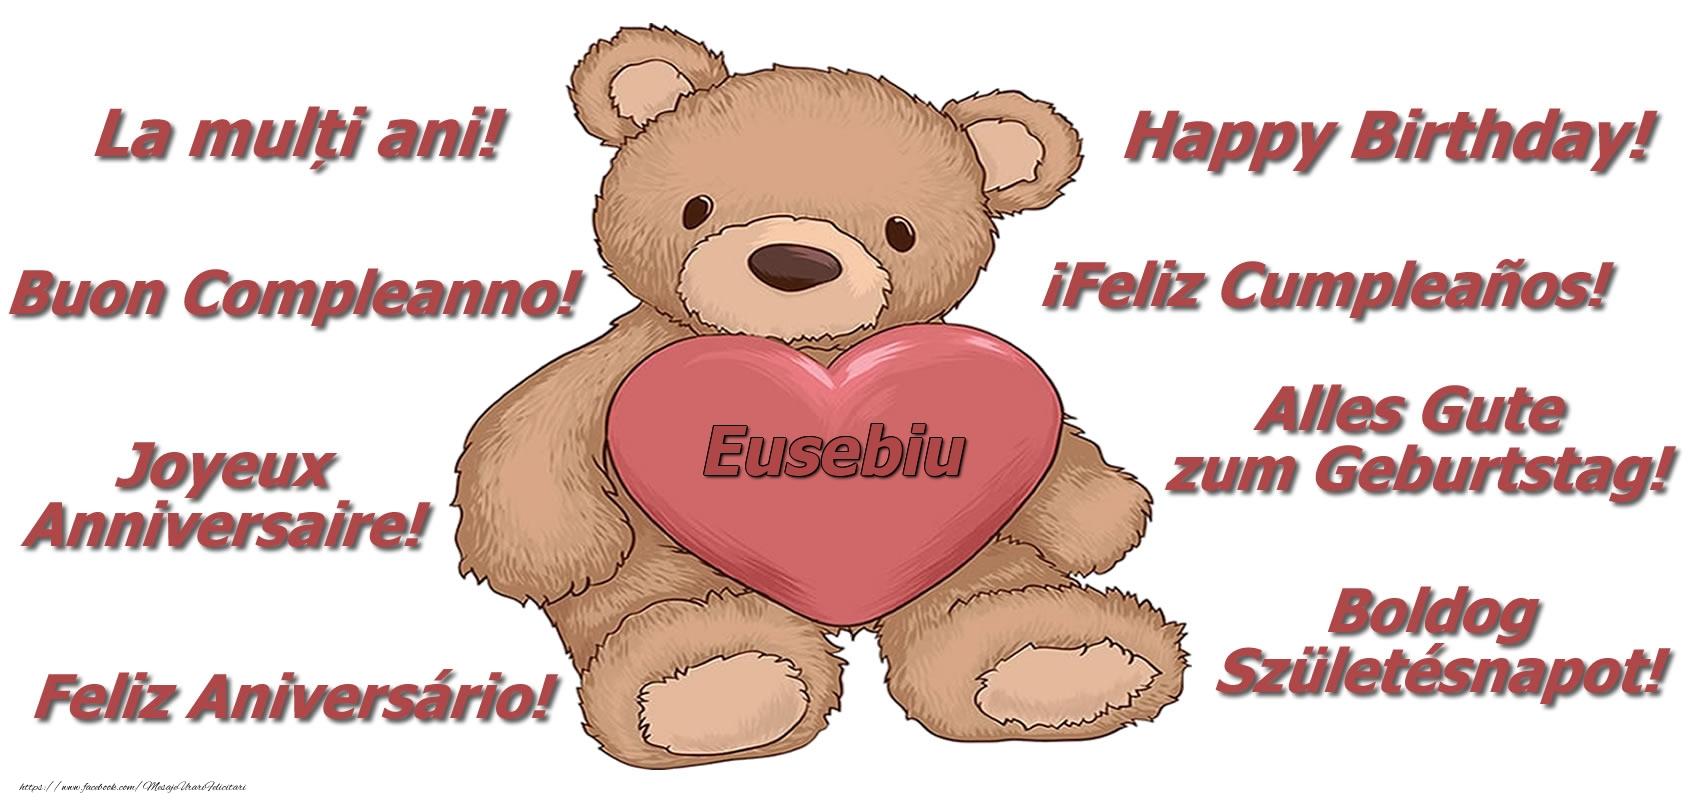 Felicitari de zi de nastere - La multi ani Eusebiu! - Ursulet